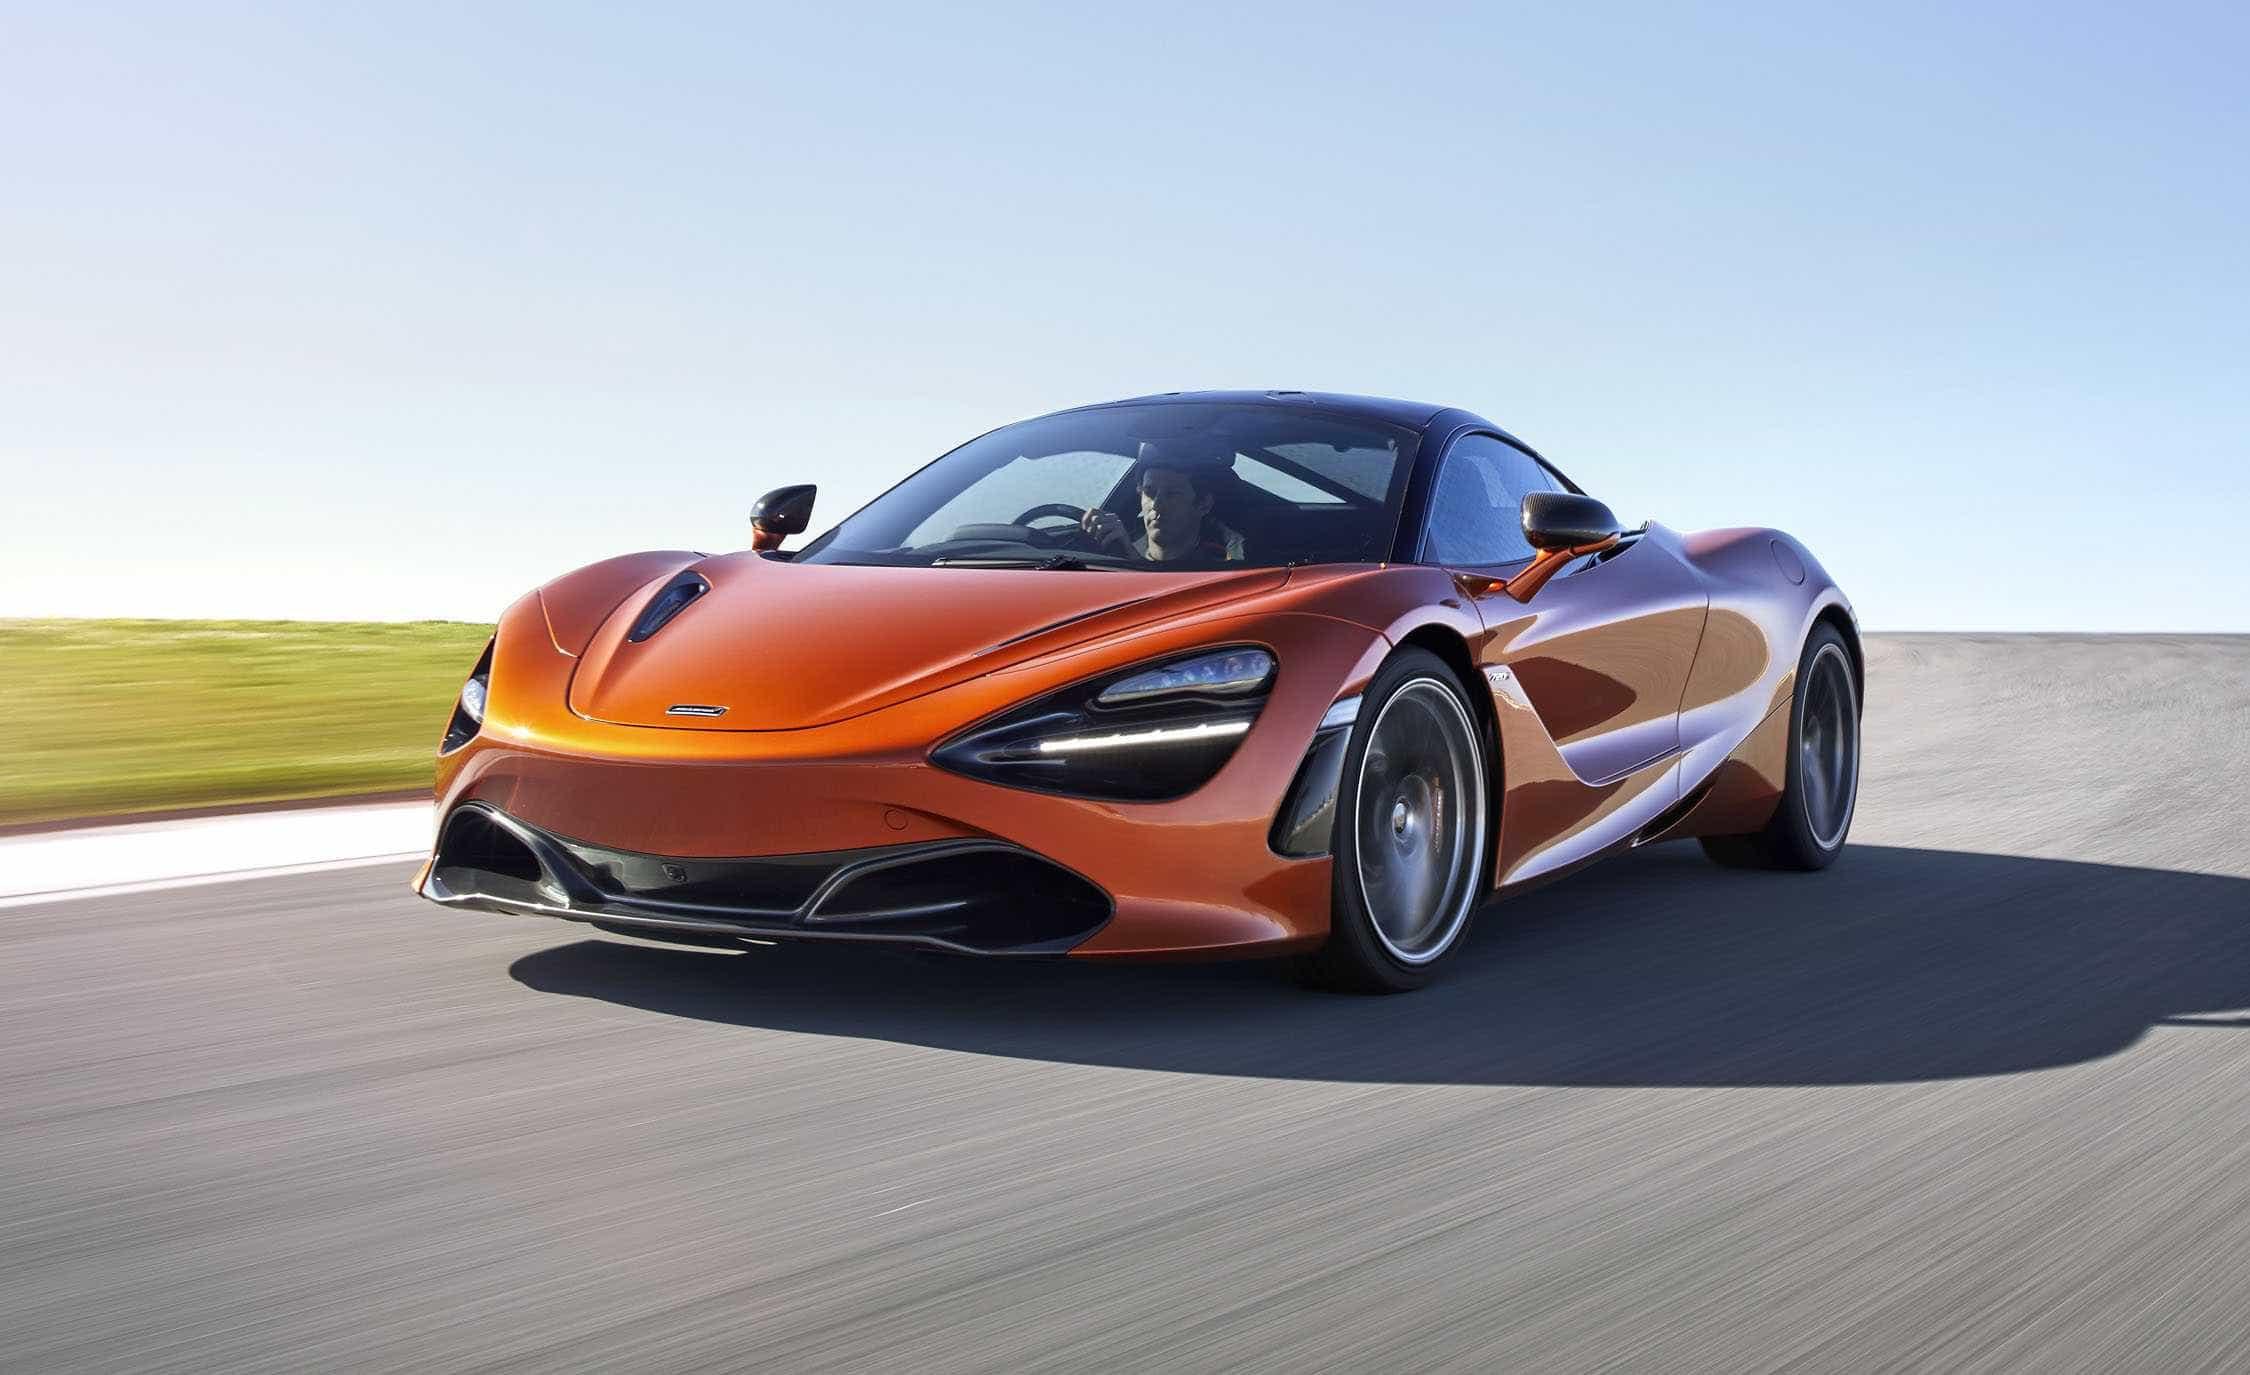 Supercarro da McLaren chega ao Brasil em maio; saiba o valor